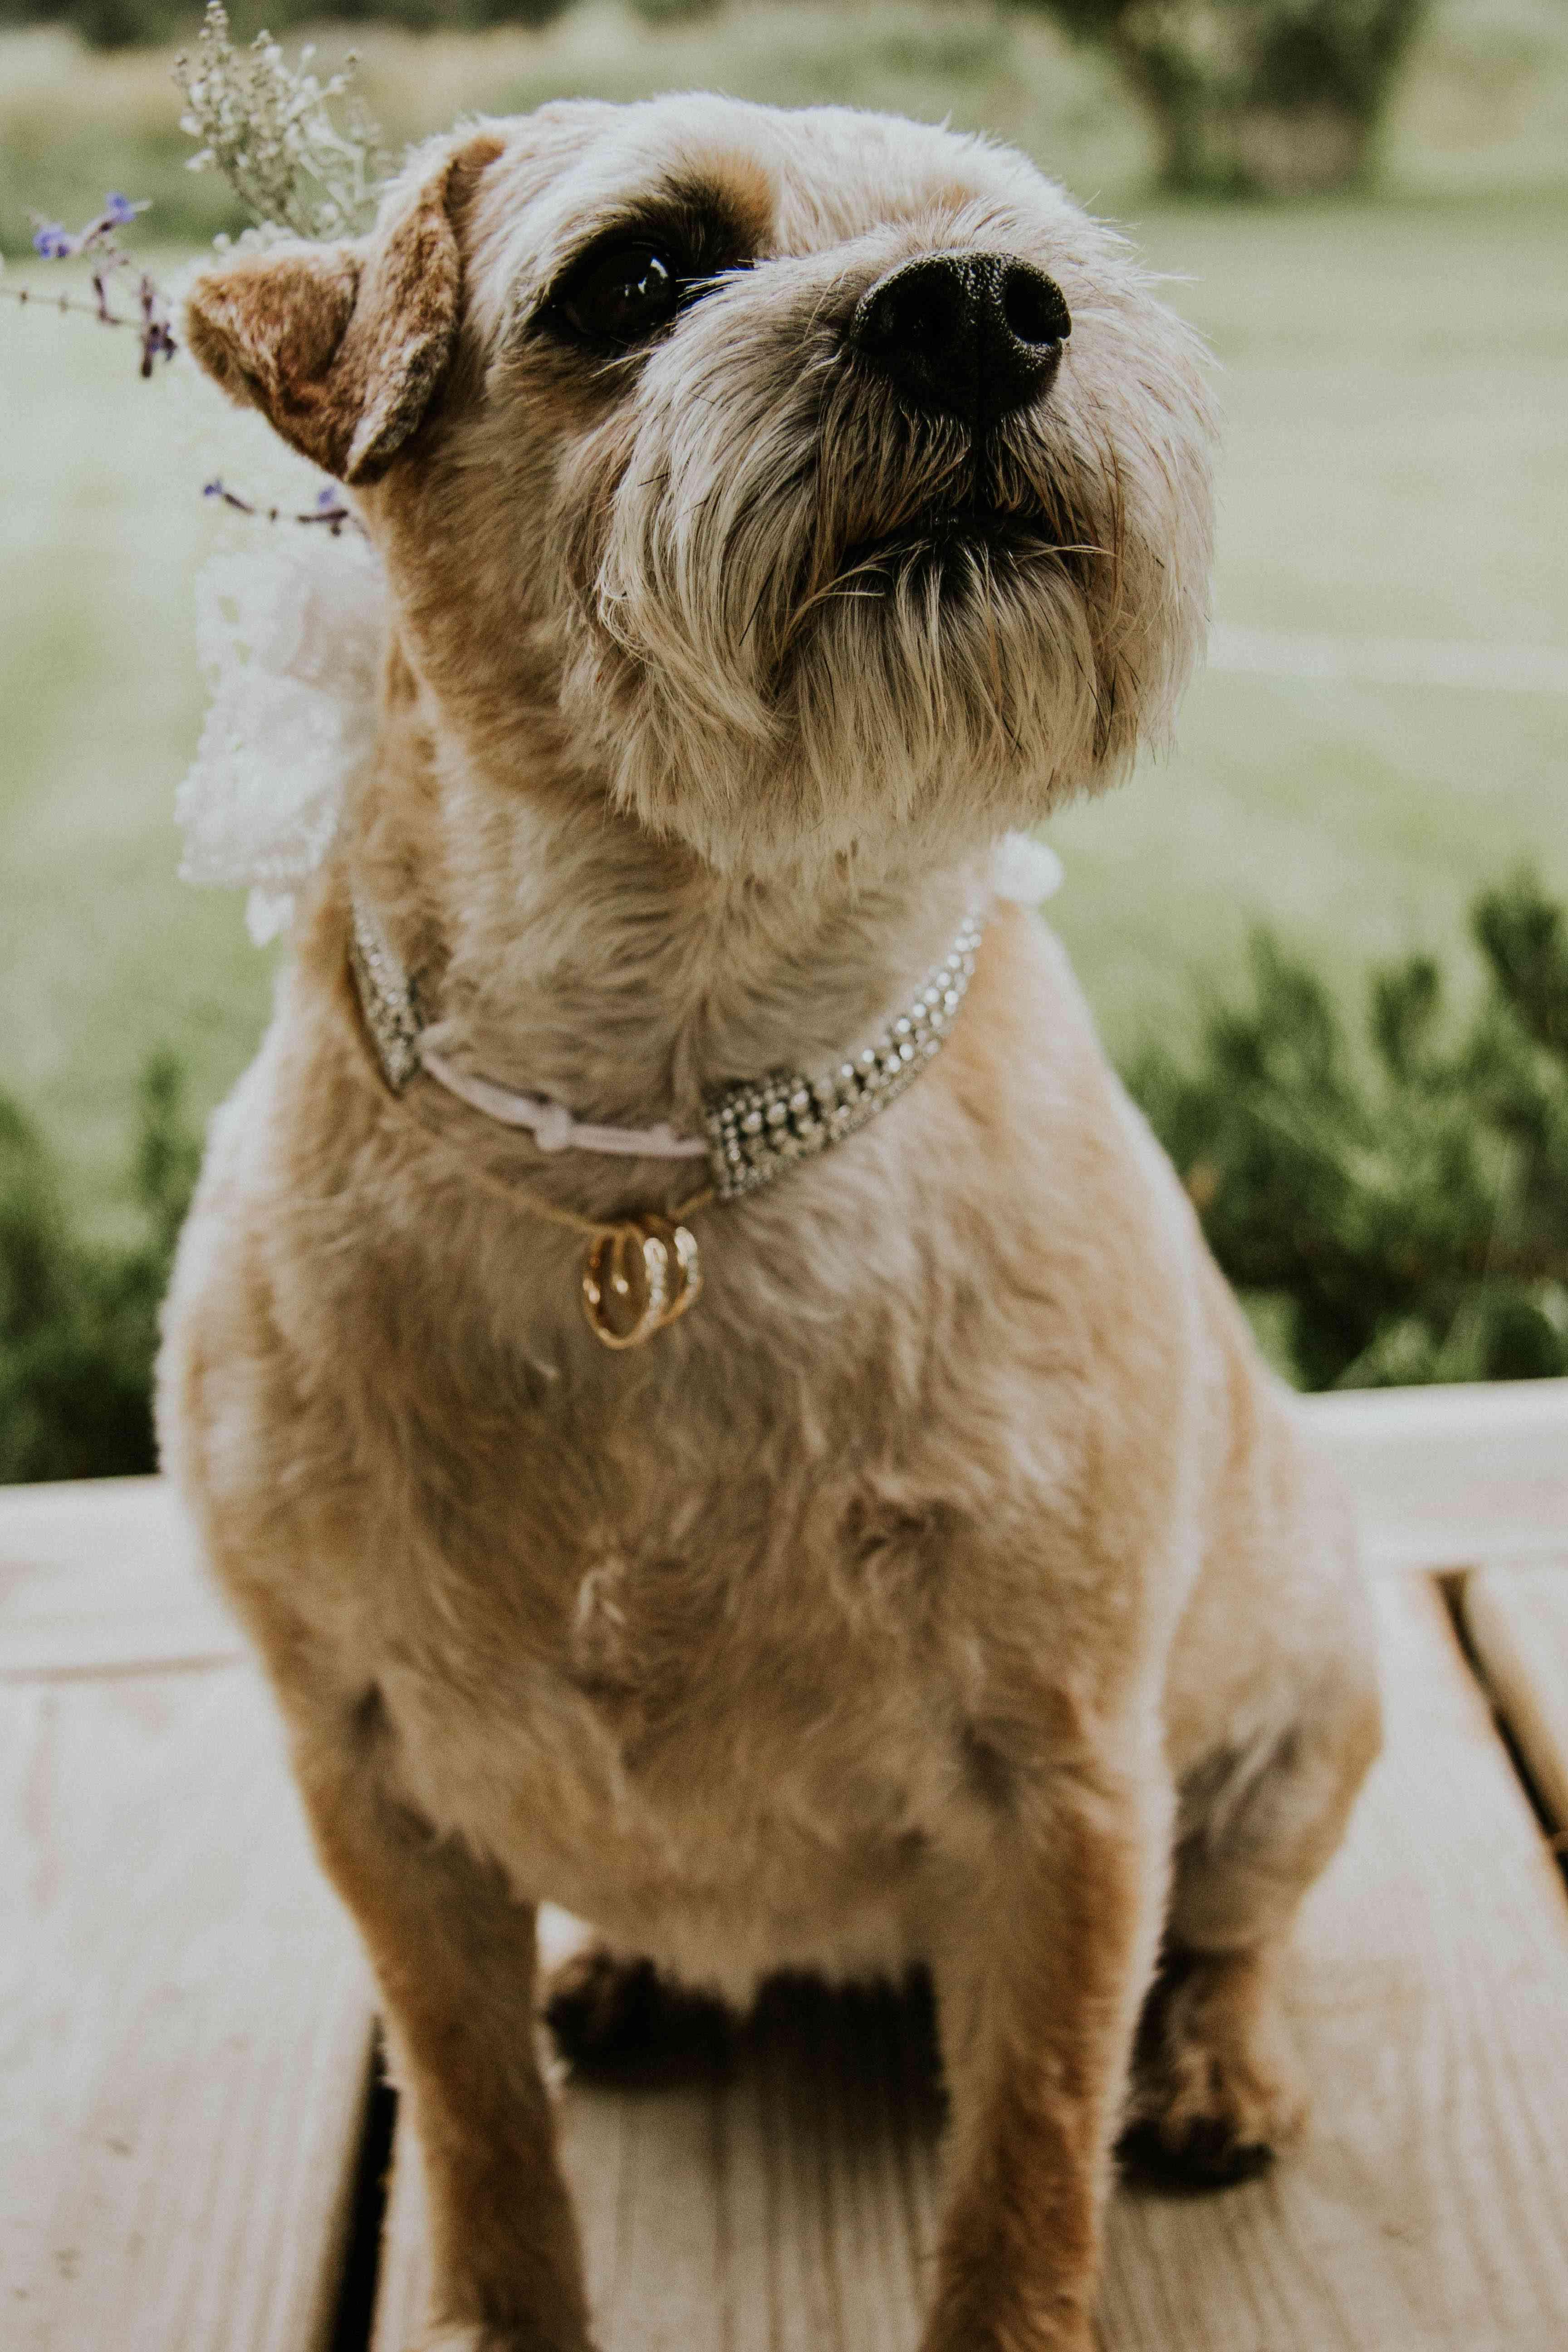 Dog holding wedding bands